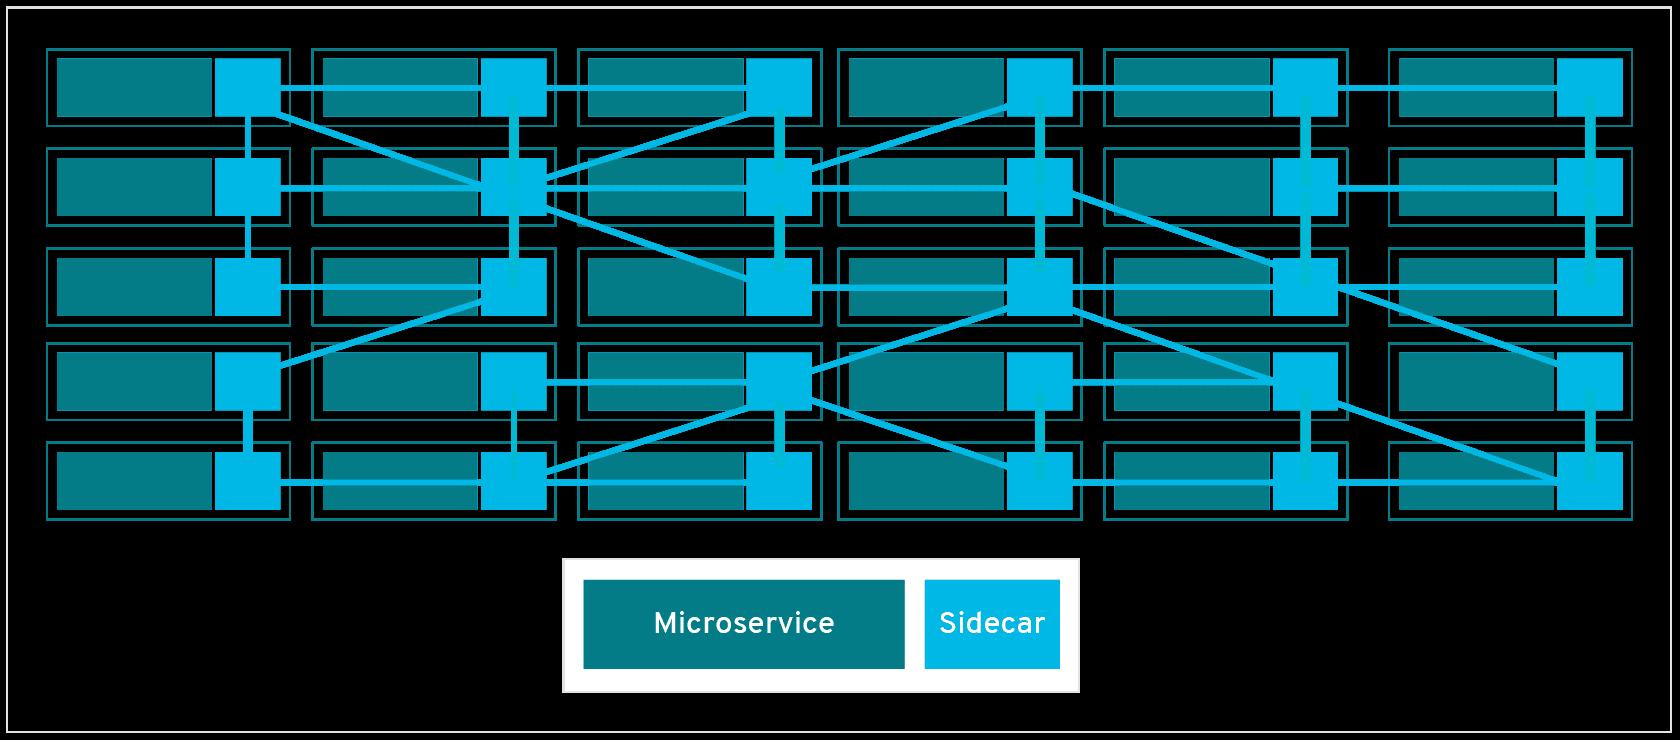 浅谈 Service Mesh: 其定义、起源、出现背景和设计理念及作用